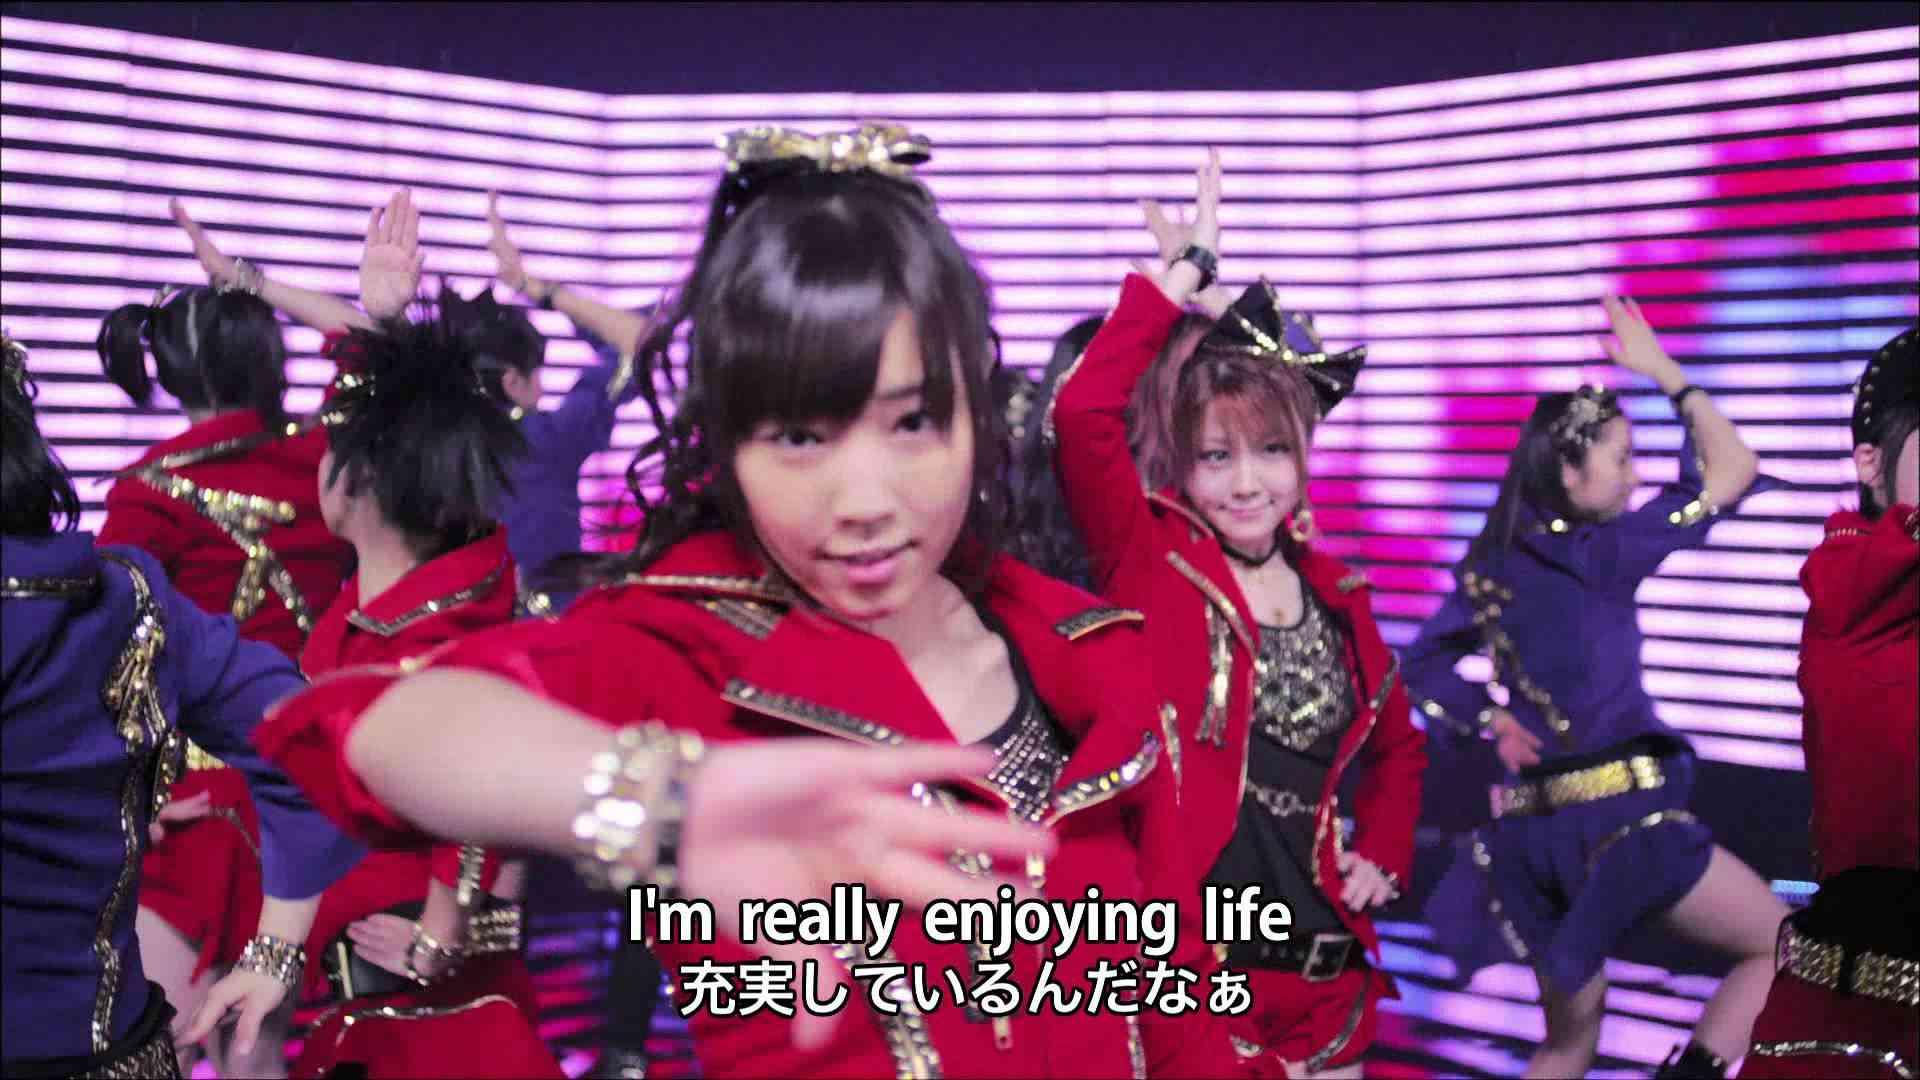 モーニング娘。 『ブレインストーミング』(Morning Musume。[Brainstorming]) (MV) - YouTube